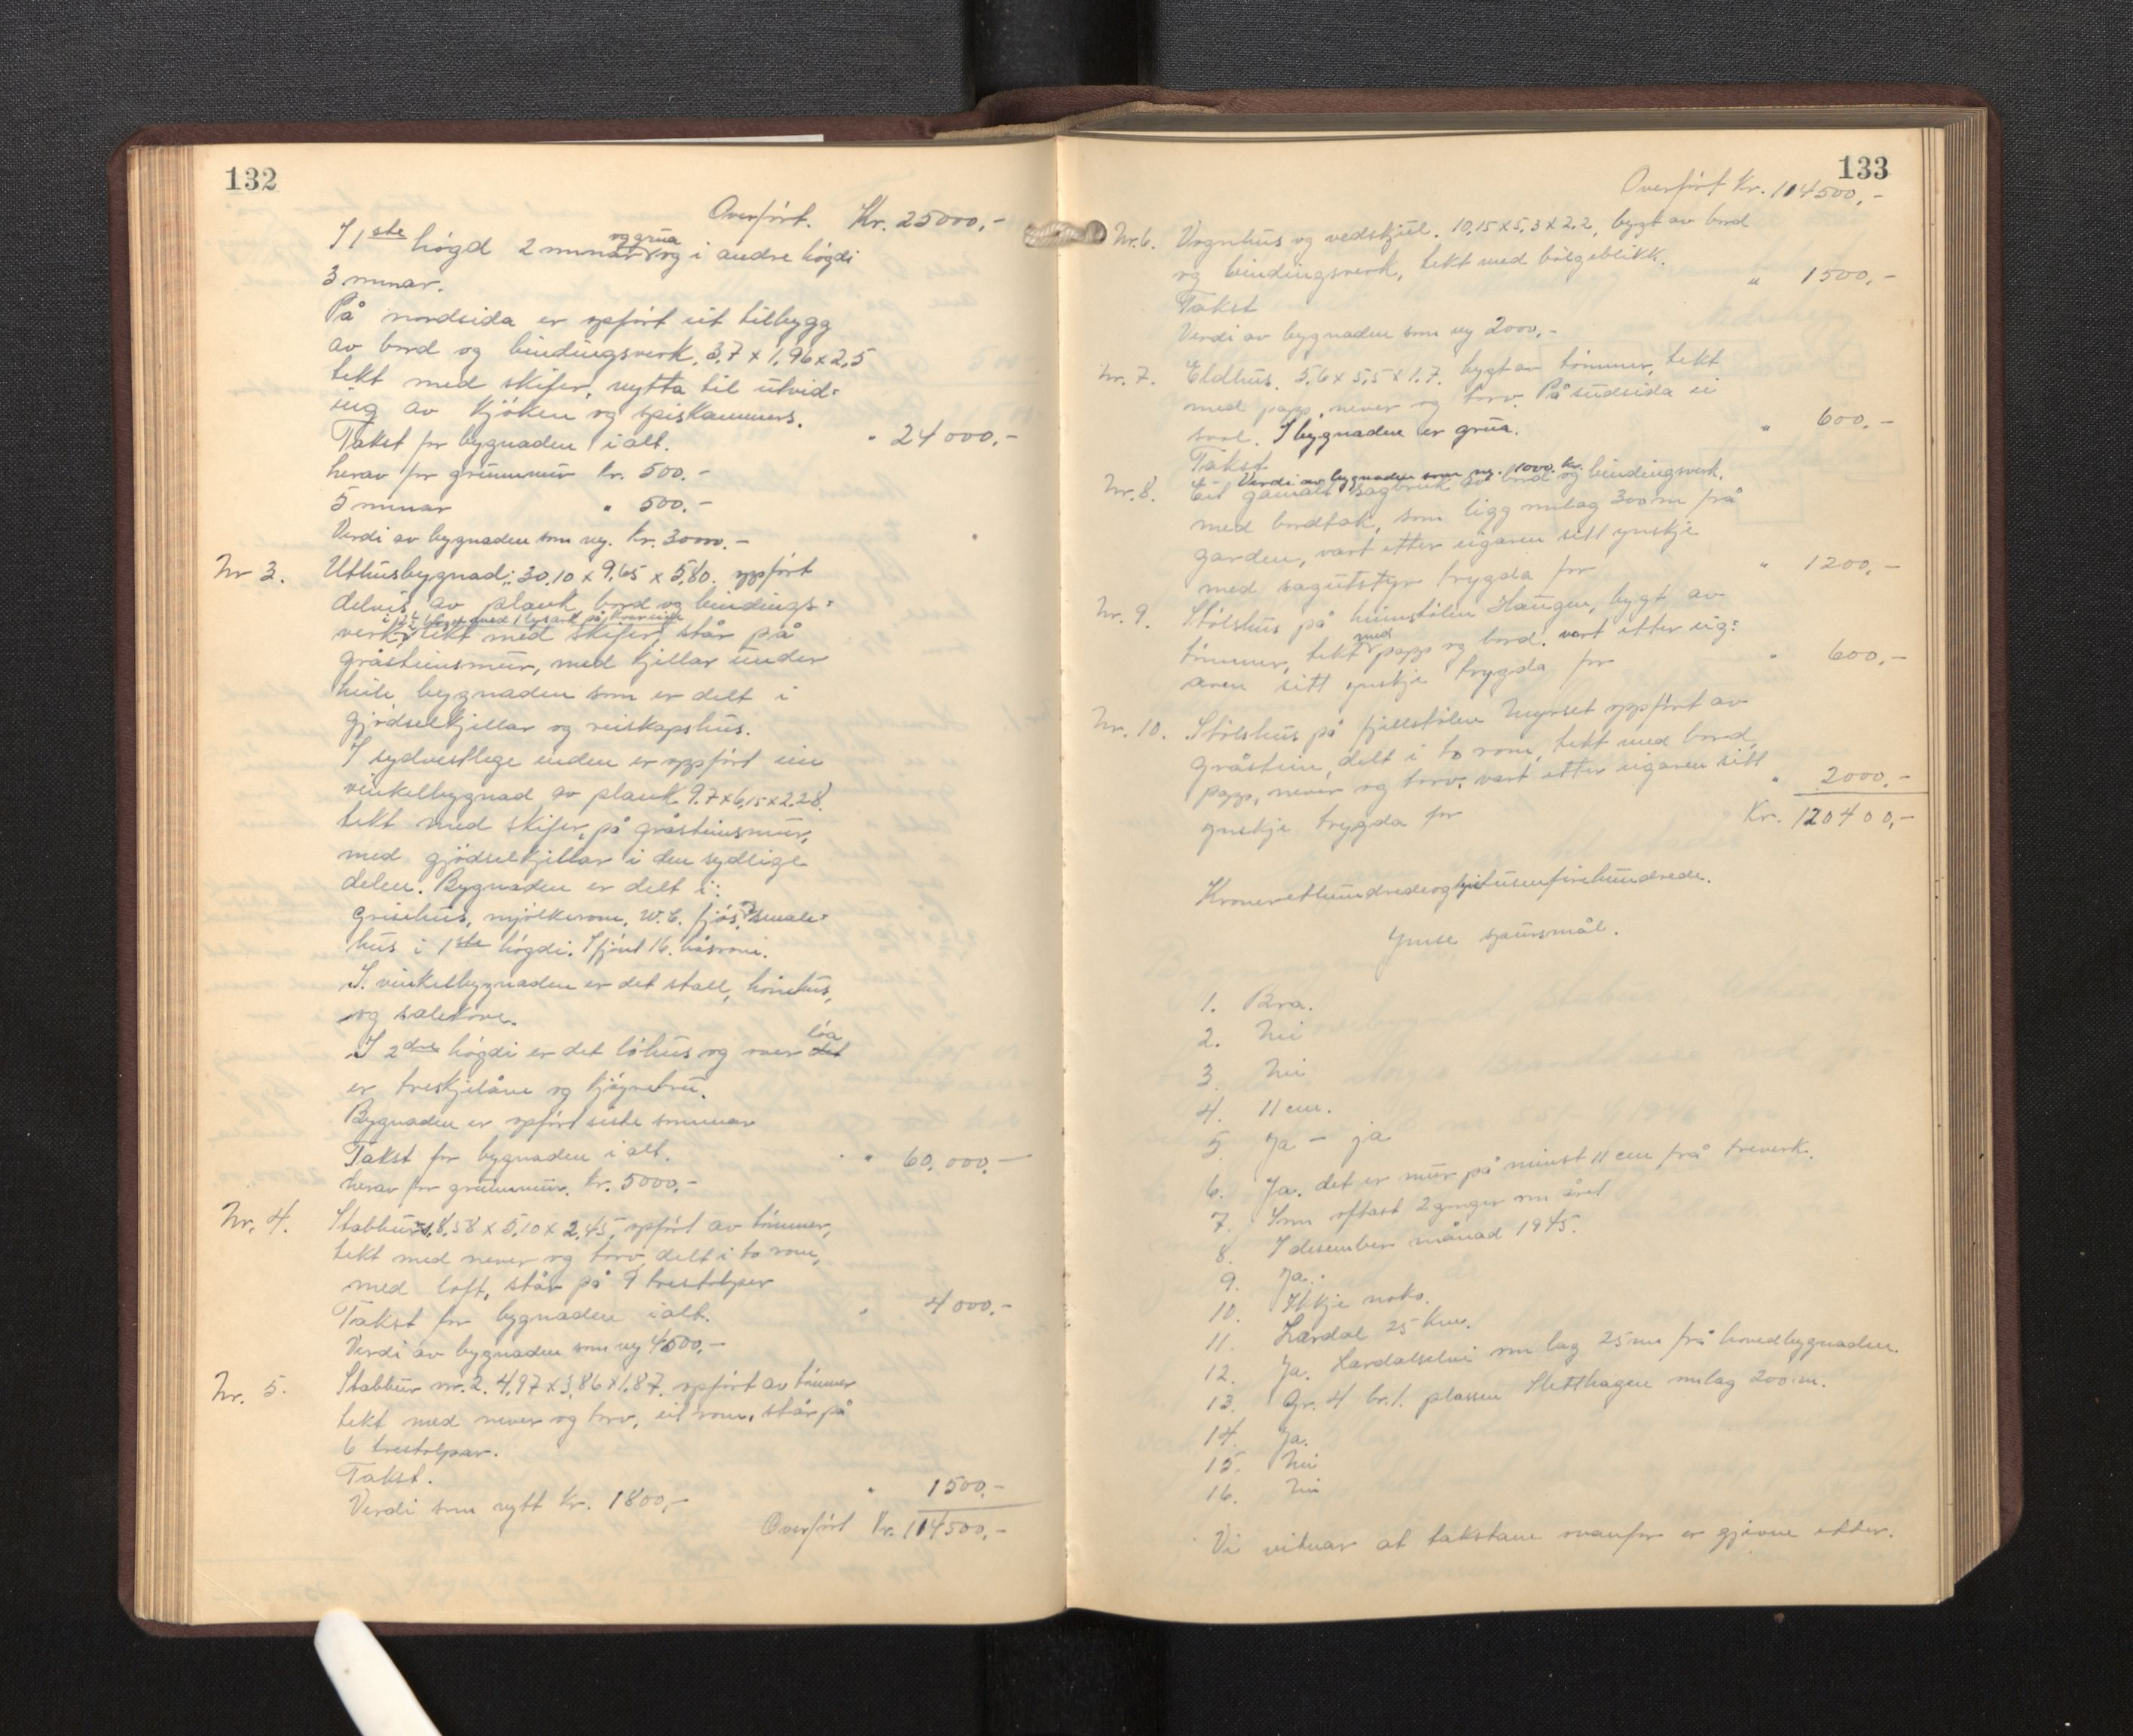 SAB, Lensmannen i Borgund, 0012/L0002: Branntakstprotokoll, 1929-1933, s. 132-133